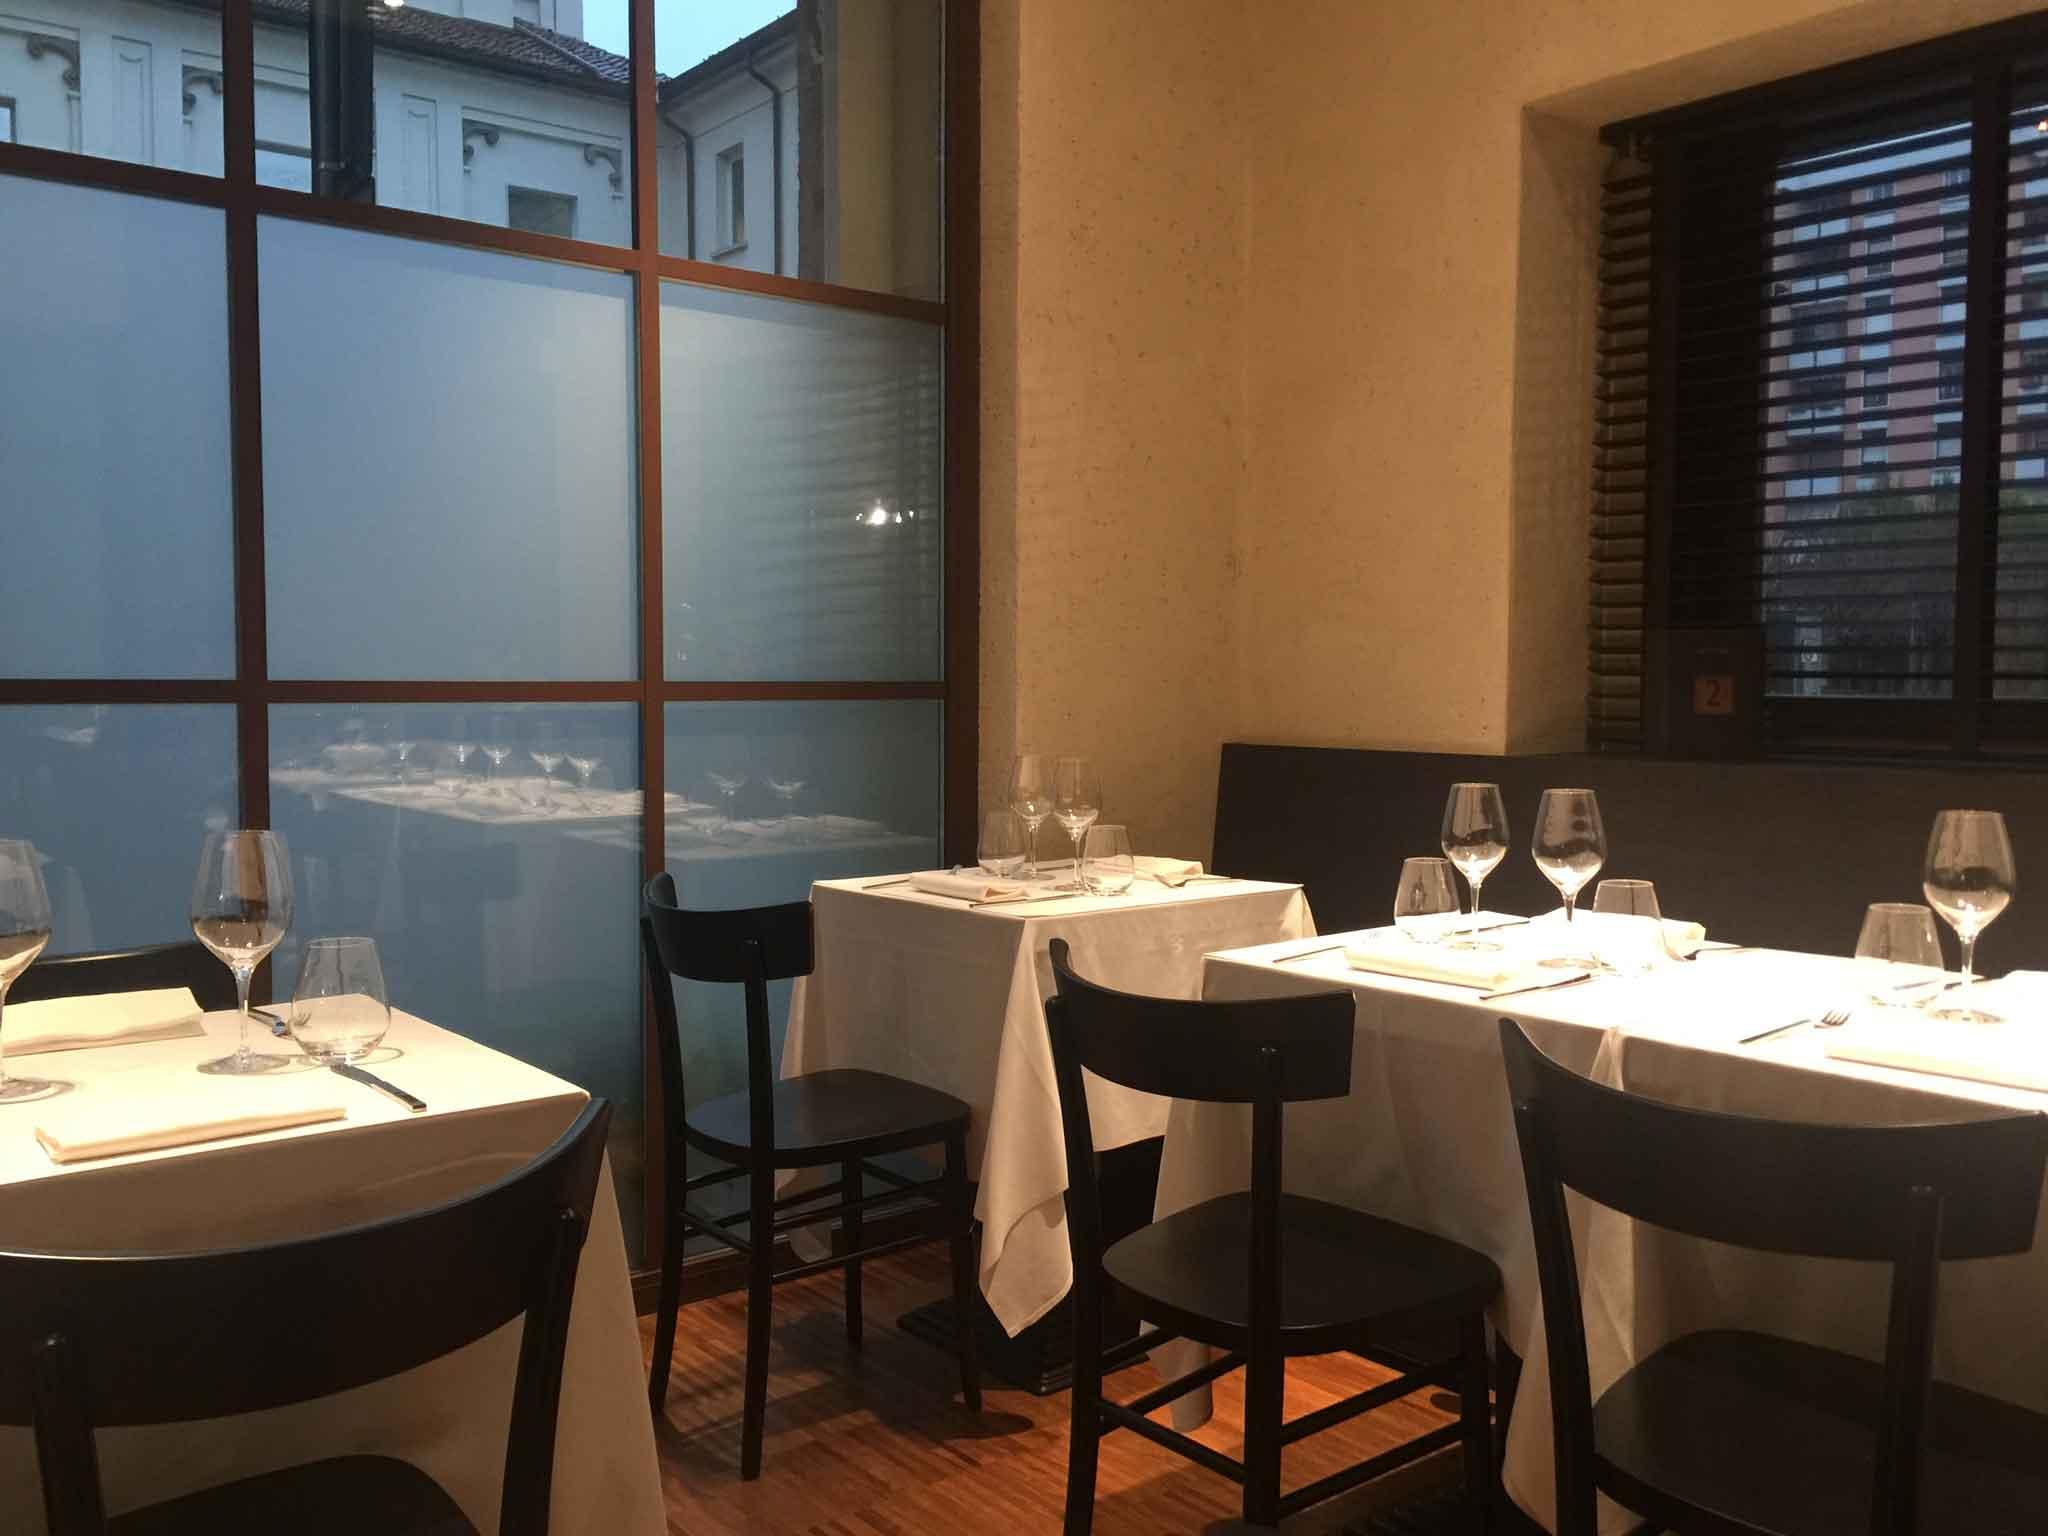 Milano. menu e prezzi della locanda perbellini che ha aperto in moscova